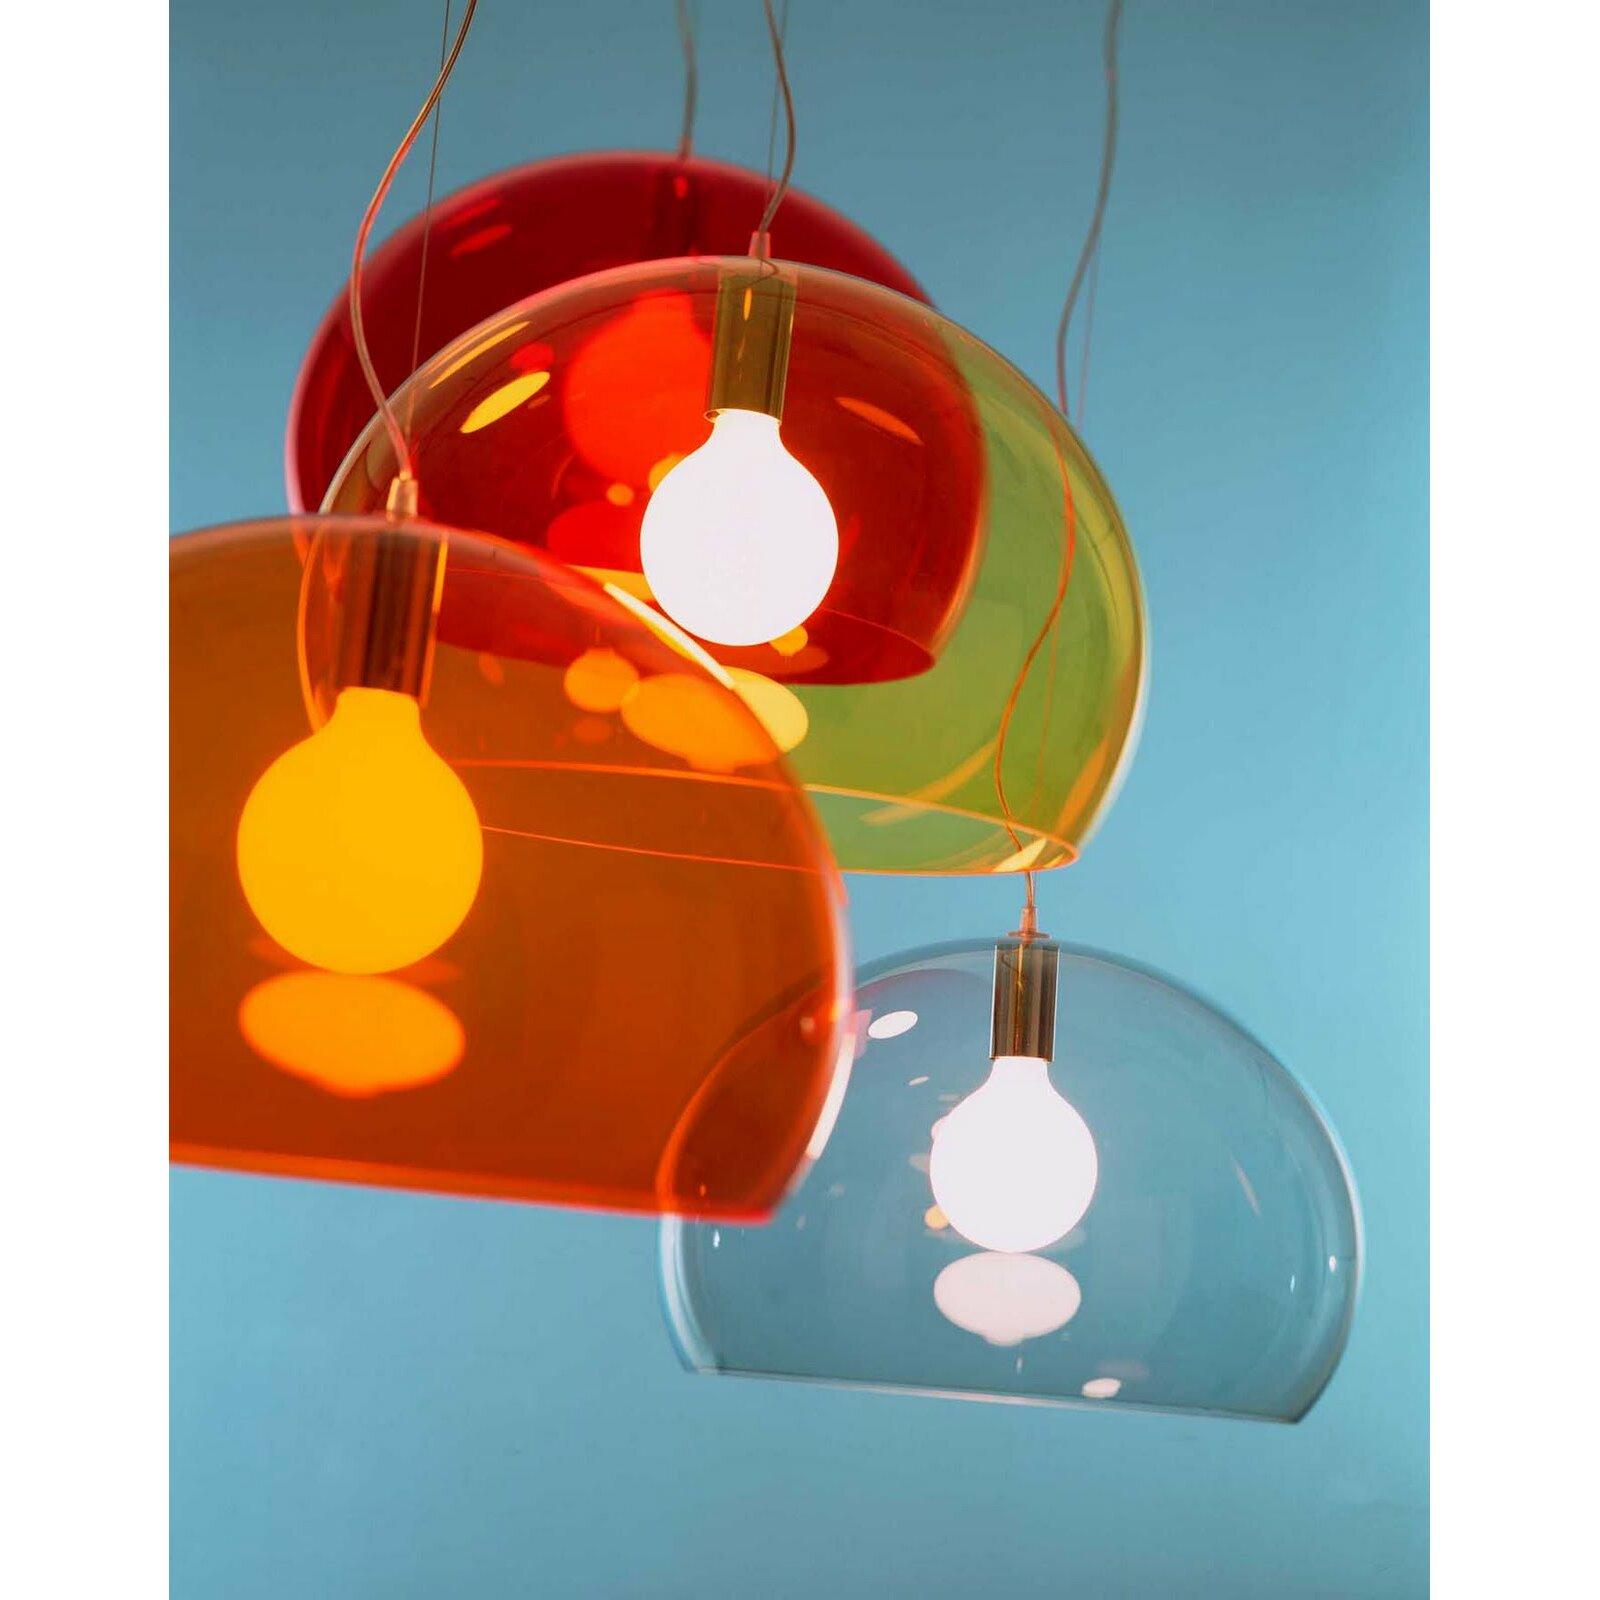 kartell fl y 1 light suspension bowl pendant reviews wayfair. Black Bedroom Furniture Sets. Home Design Ideas